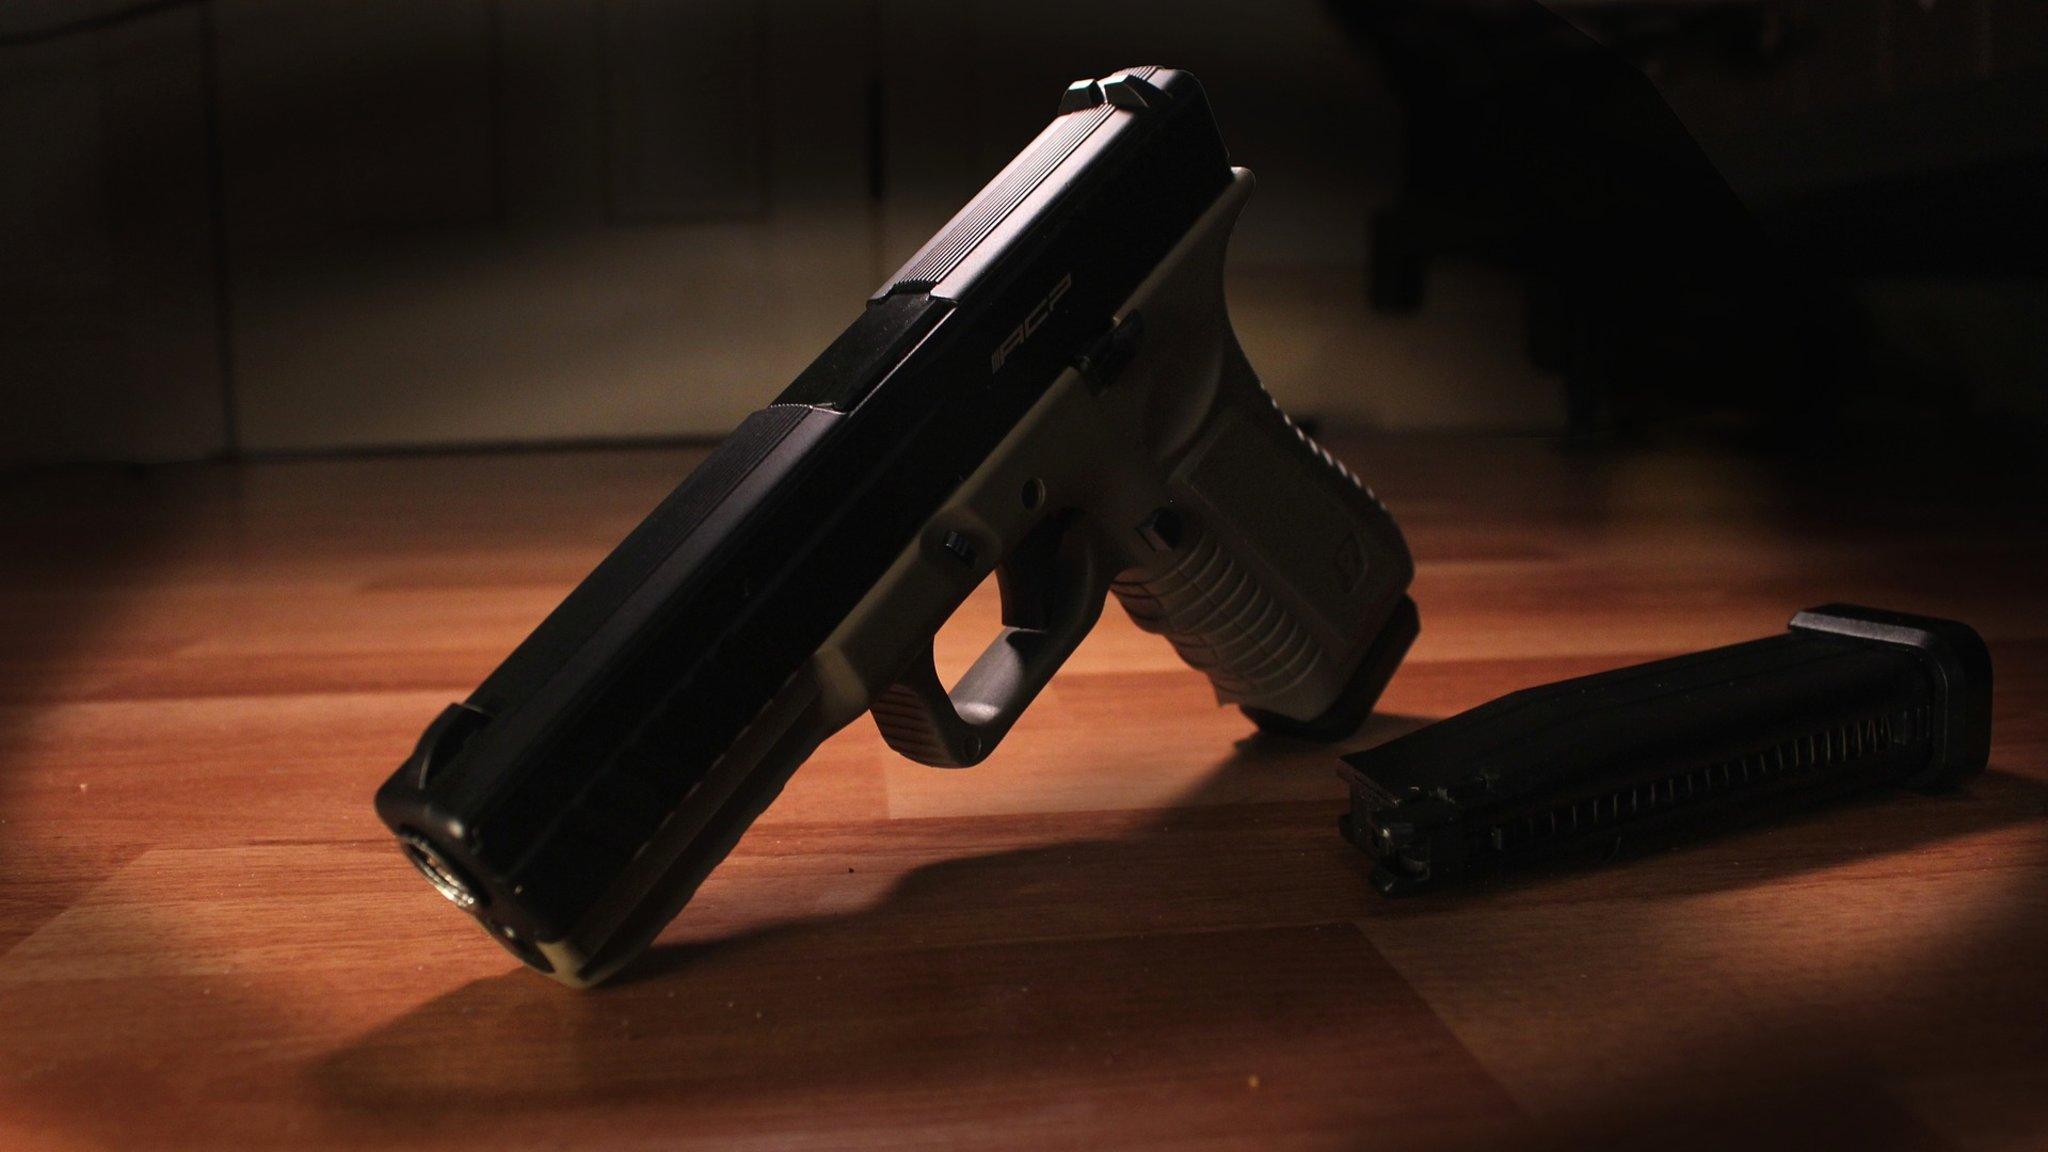 einbruchsdiebstahl unbekannte stiegen in haus ein und stahlen auch pistole klagenfurt land. Black Bedroom Furniture Sets. Home Design Ideas